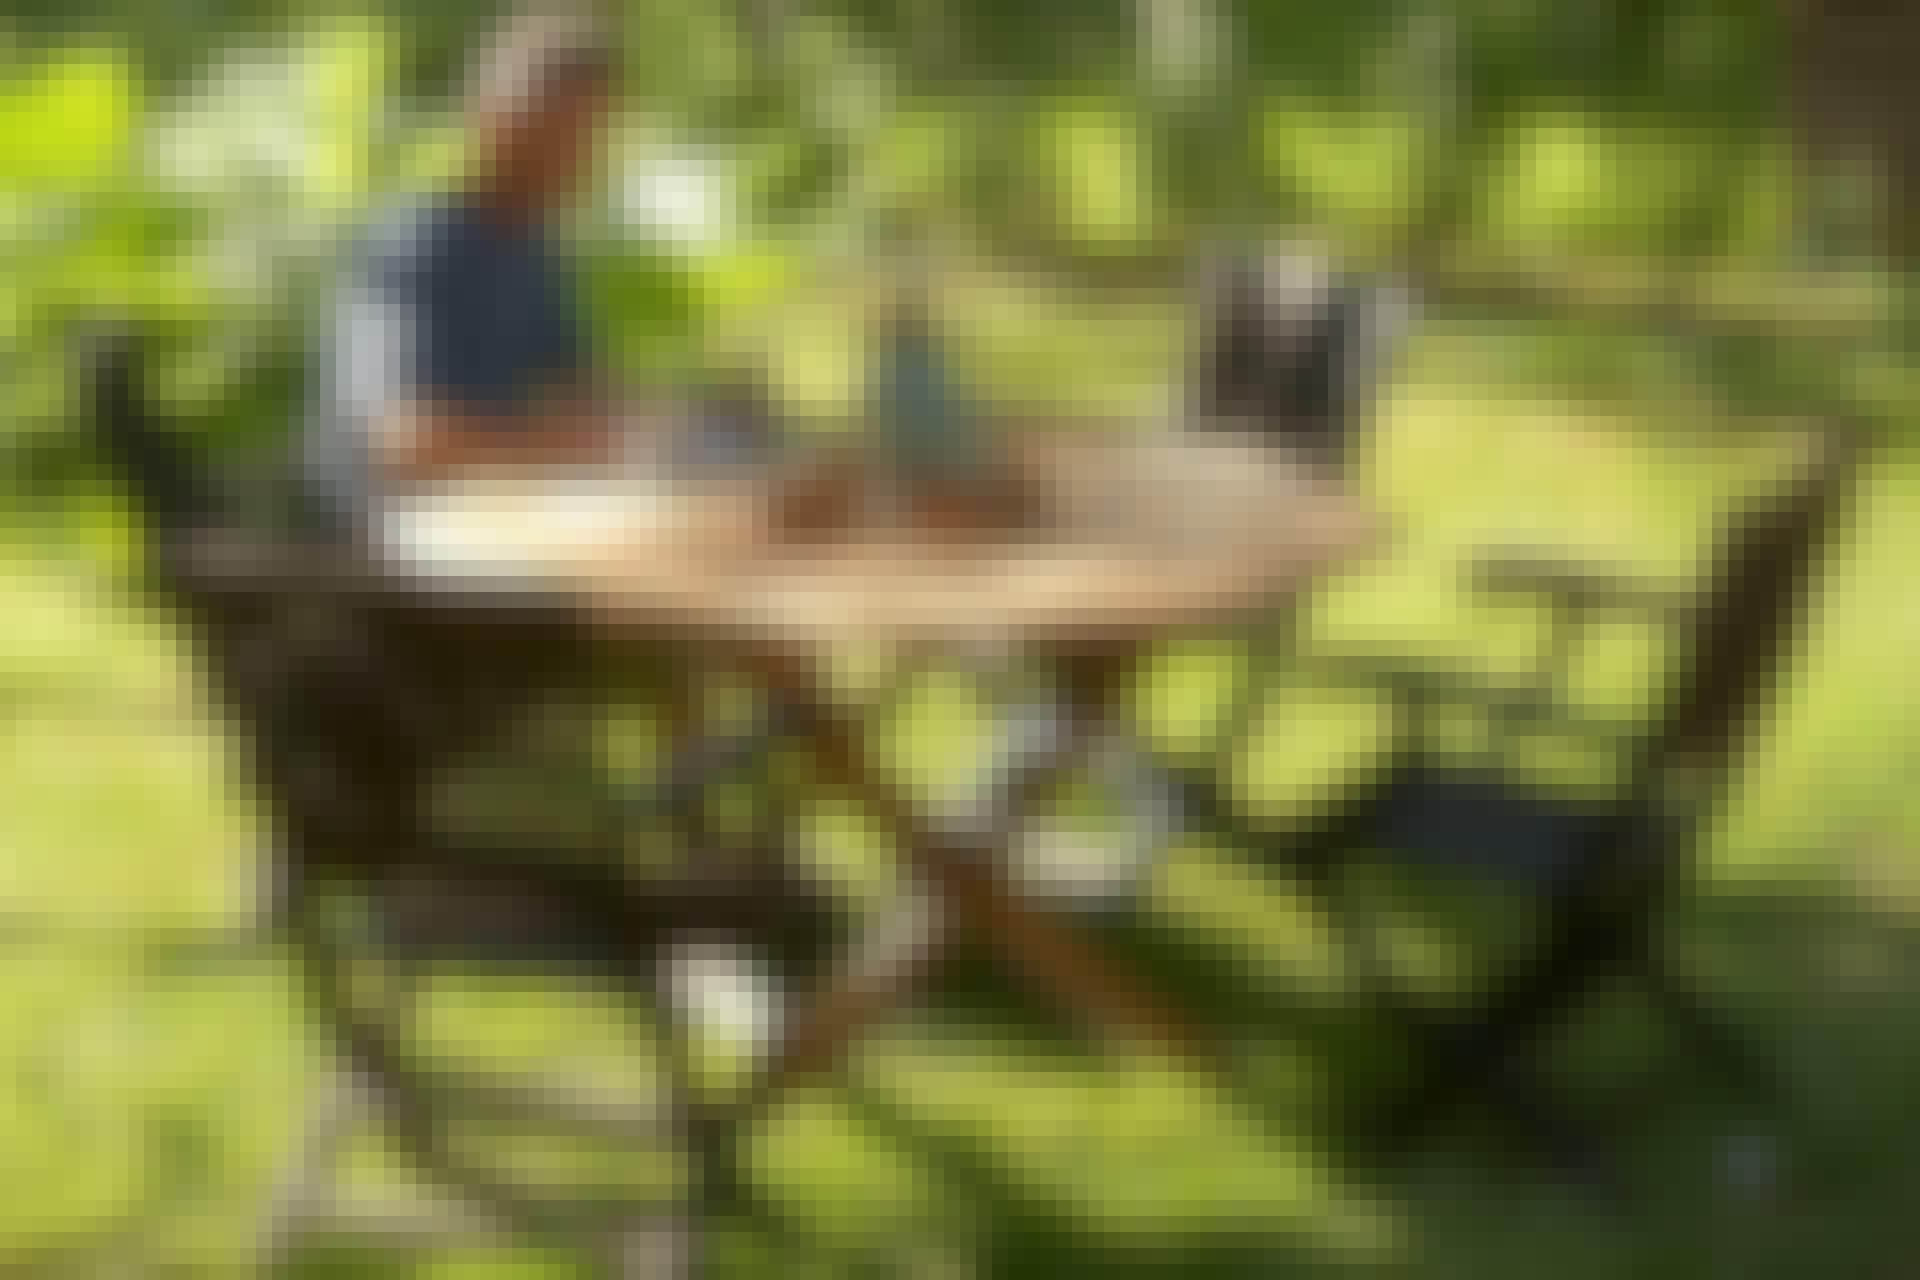 ALT TEXT: Forlæng dine havemøblers levetid